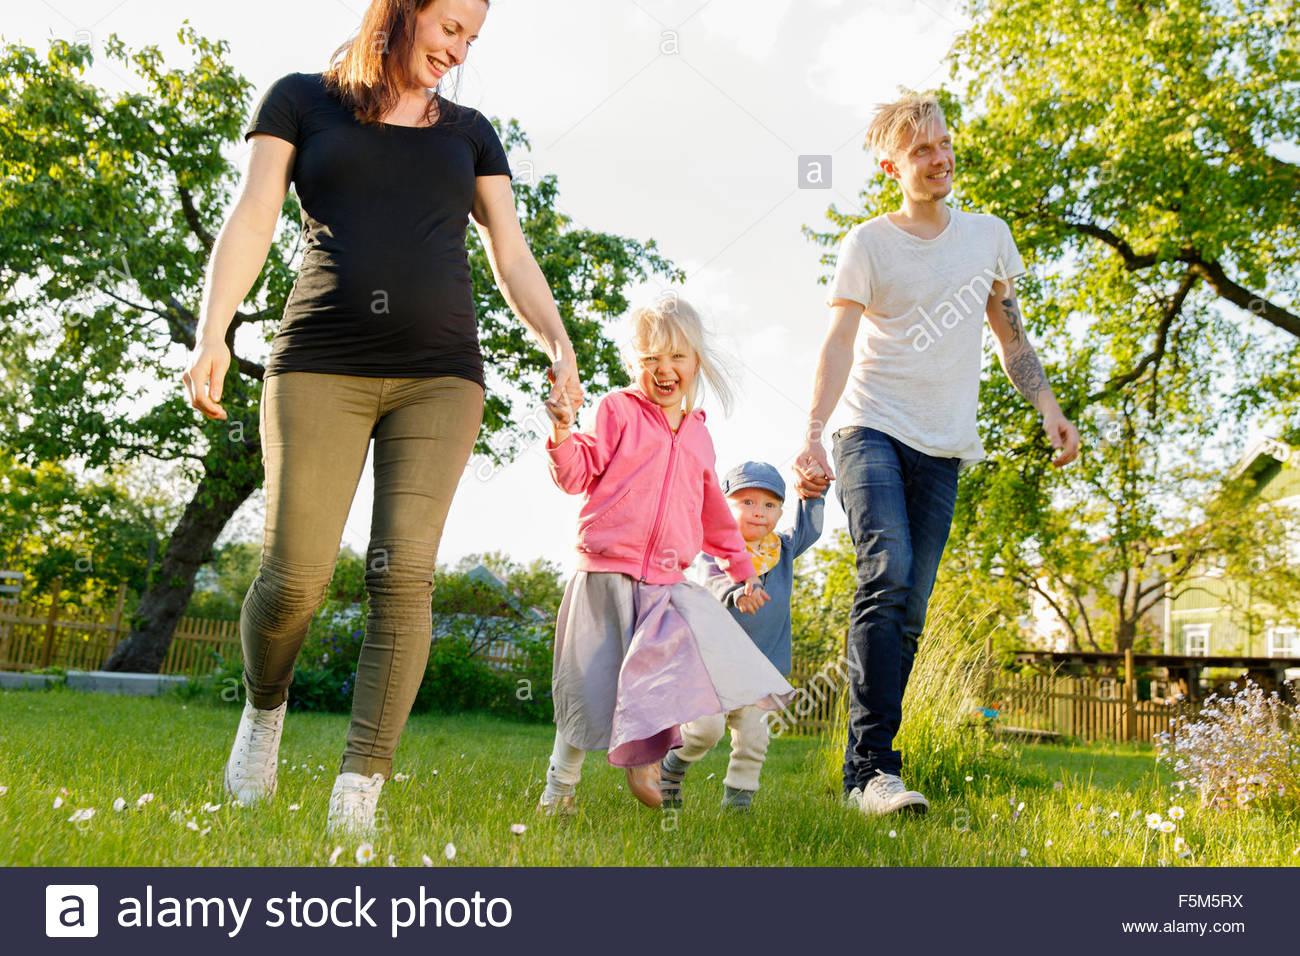 La Svezia Sodermanland, Jarna, famiglia con due bambini (12-17 mesi, 4-5) in giardino Immagini Stock